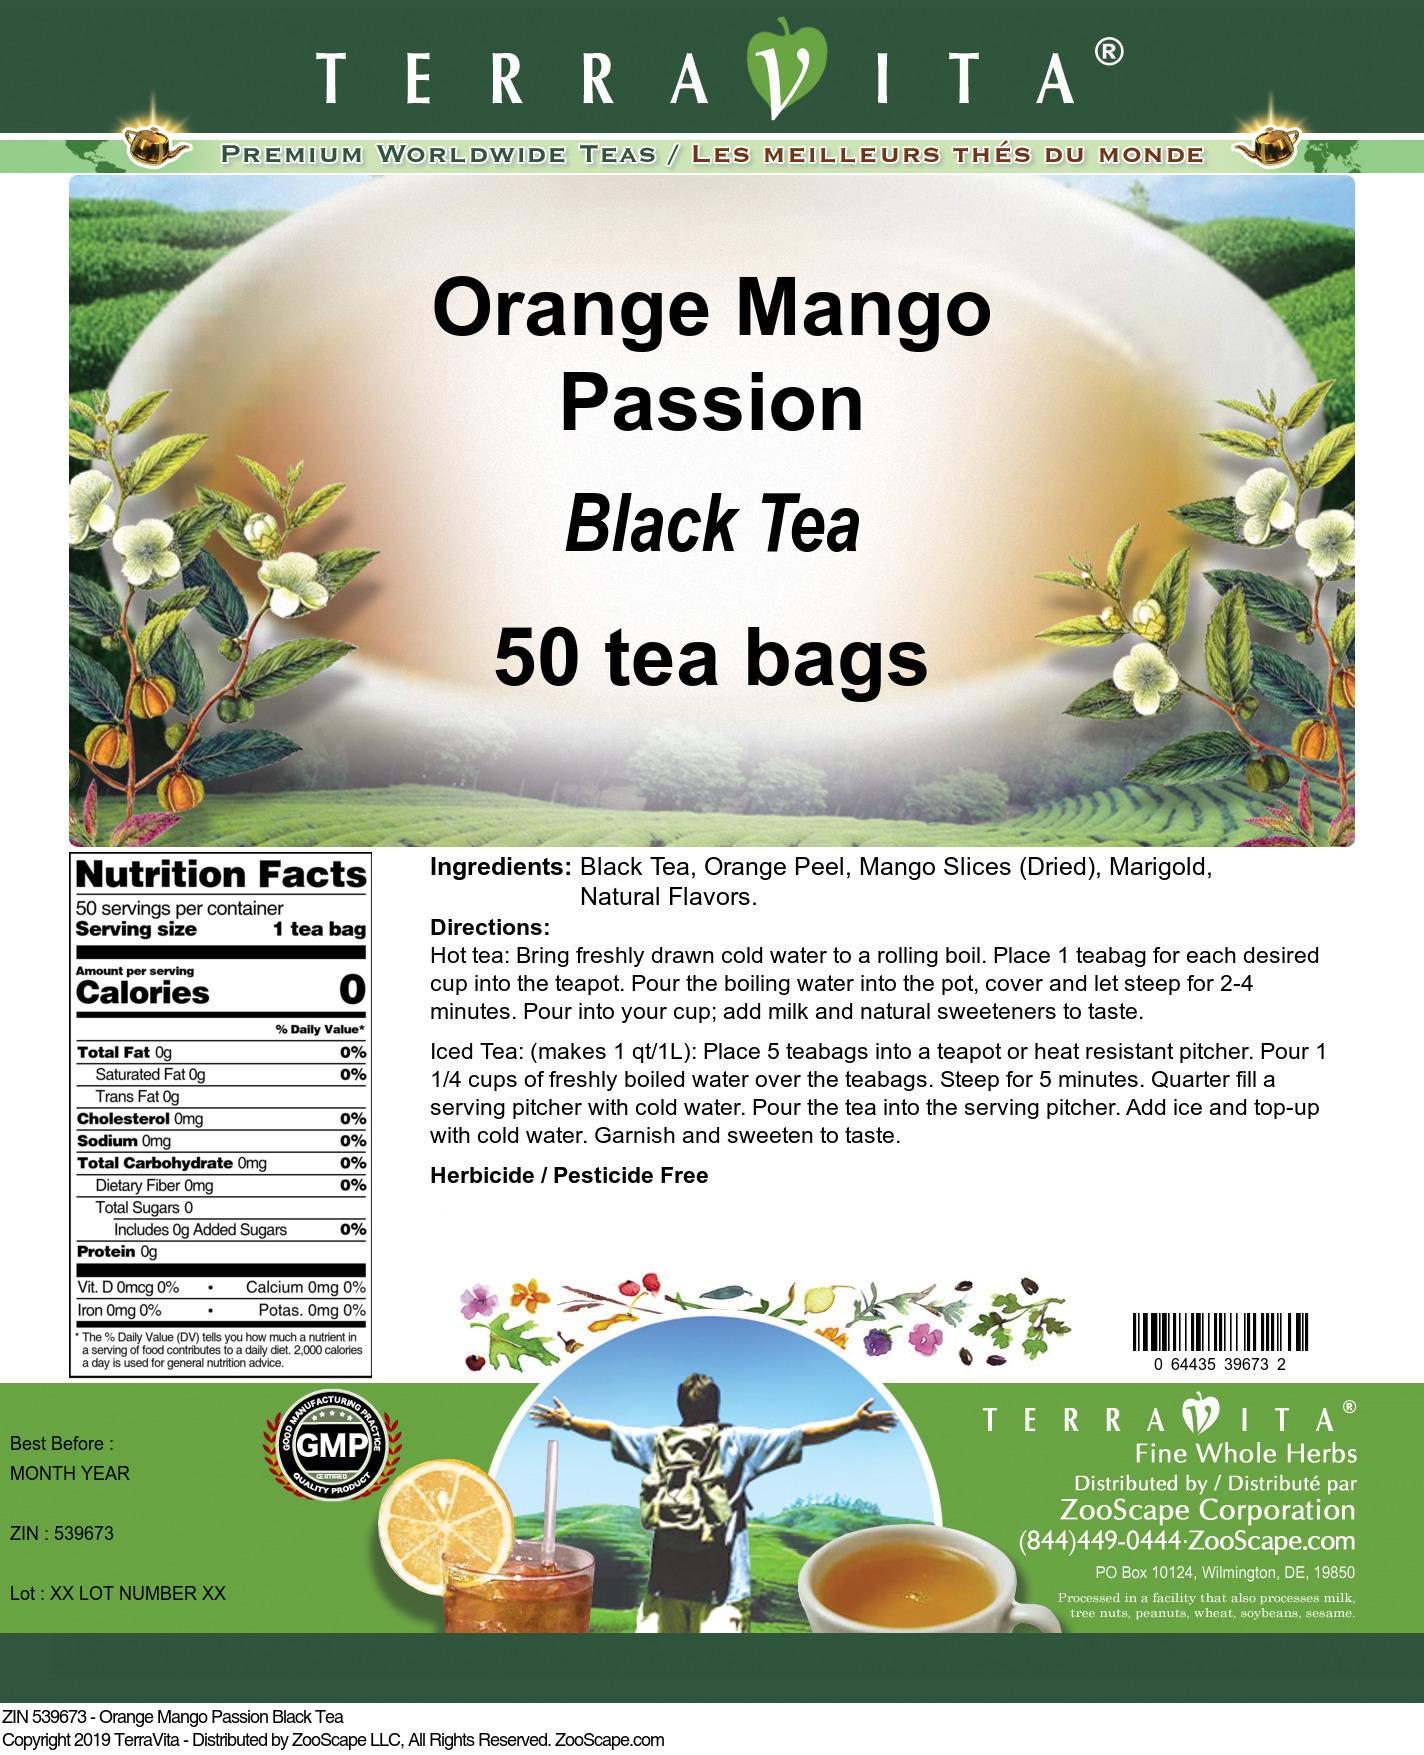 Orange Mango Passion Black Tea